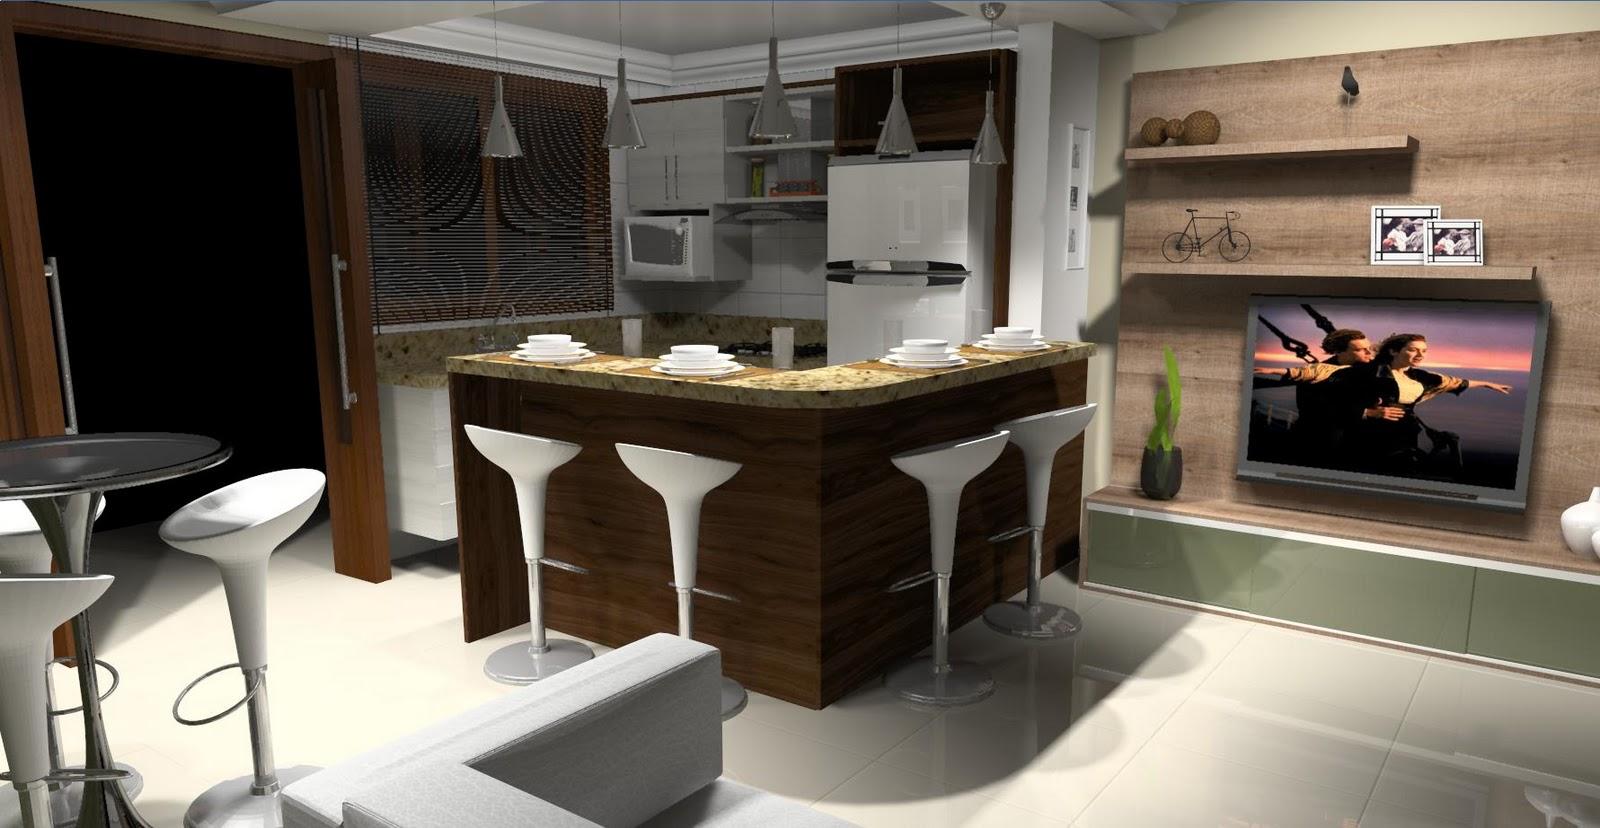 #975F34 cozinha americana e sala pequenaIdéias de decoração para casa 1600x828 px Cozinha Americana Com Bancada Para Sala_3241 Imagens